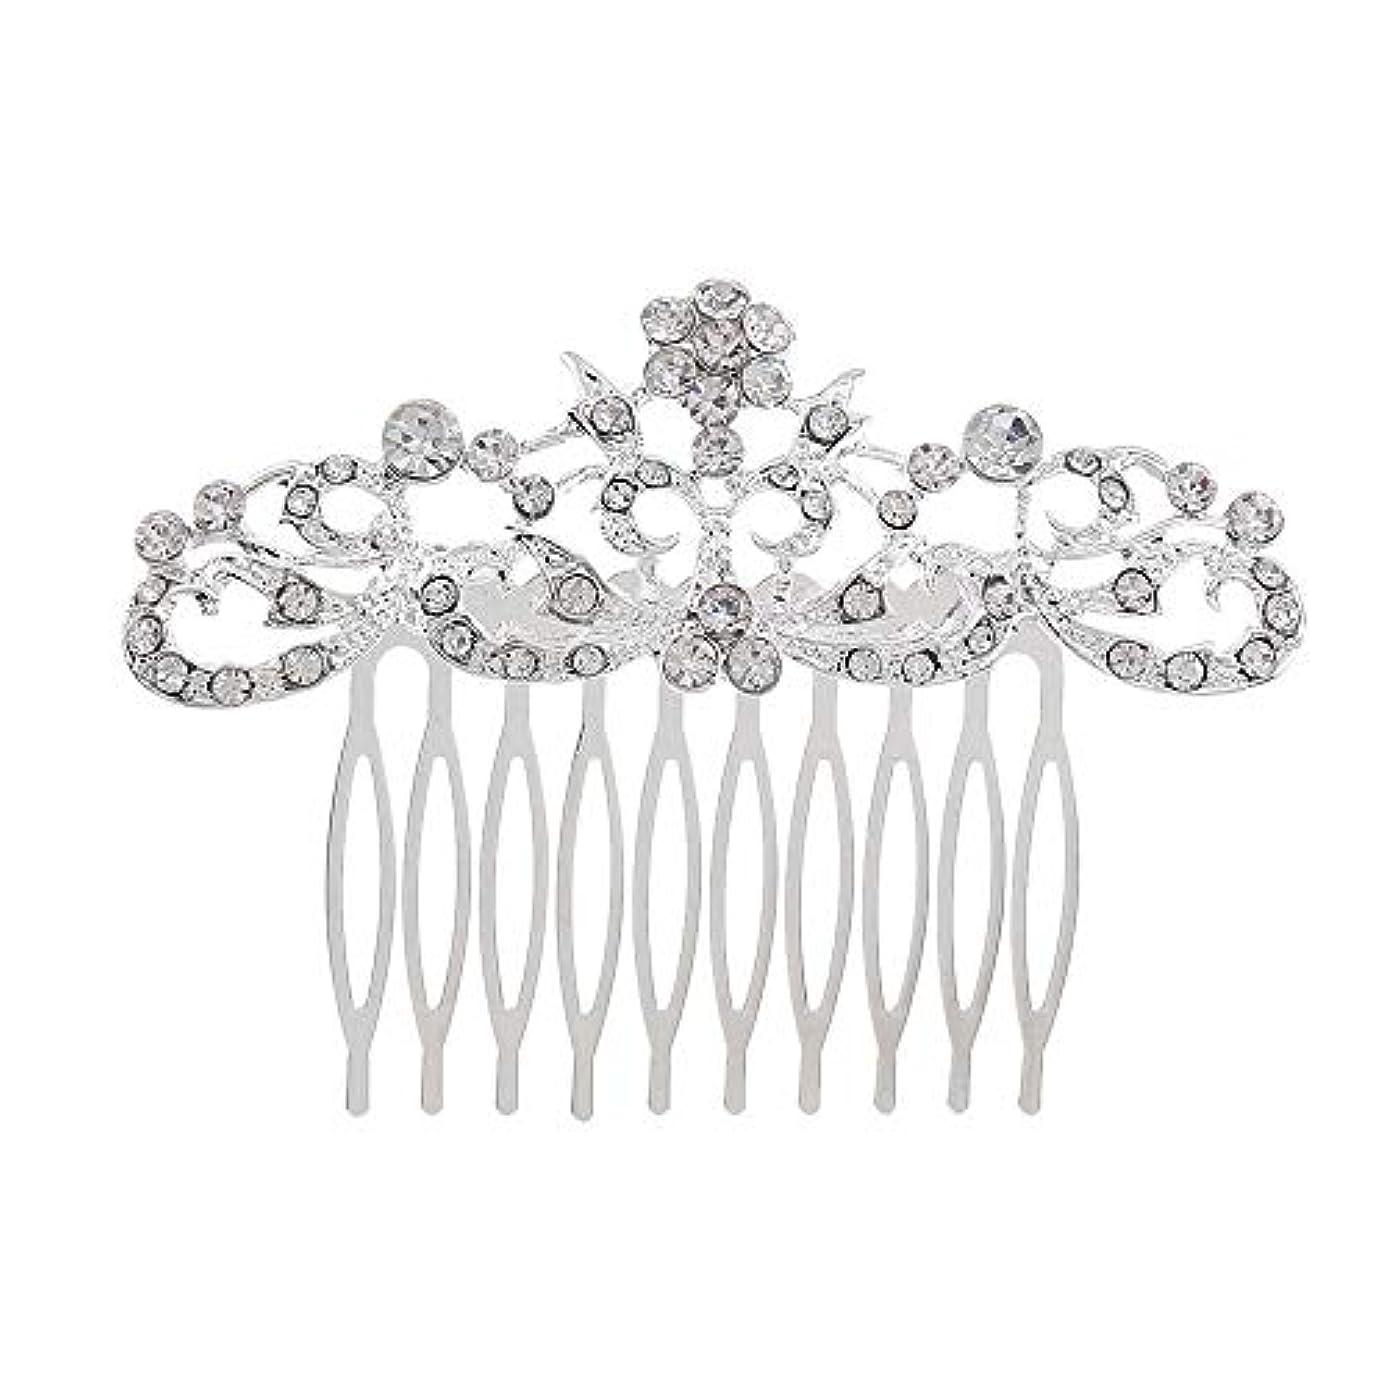 招待とても多くのおめでとう髪の櫛の櫛の櫛の花嫁の髪の櫛のファッションラインストーンの櫛の櫛の花嫁の頭飾りの結婚式のアクセサリー